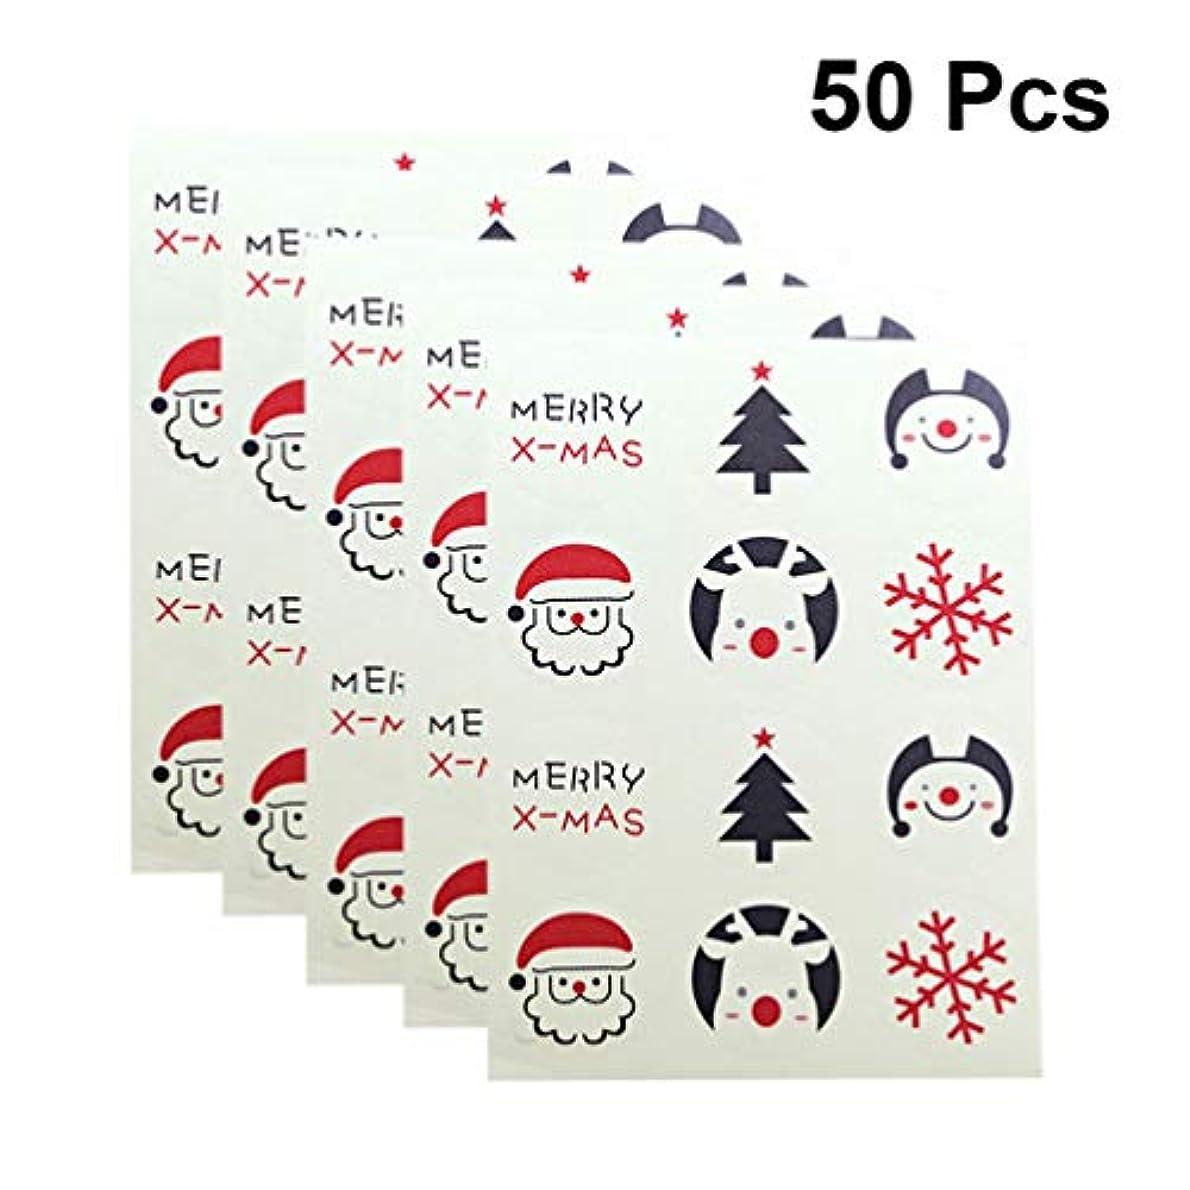 実験的家族底Healifty クリスマスシールステッカーサンタ装飾シールステッカー粘着封筒シールラベルデカール用装飾50枚